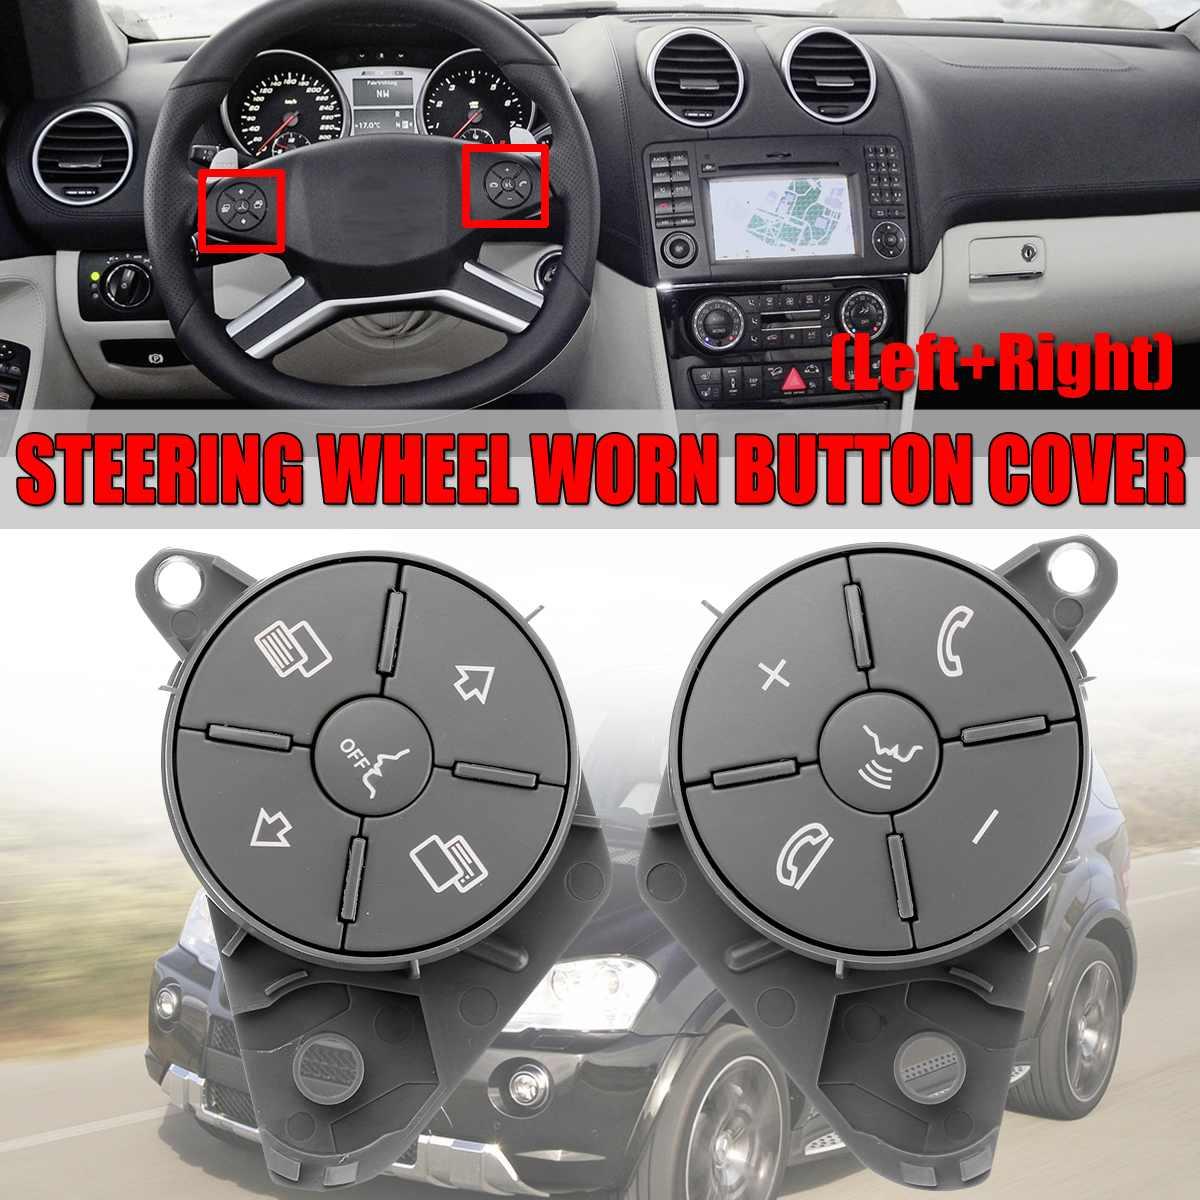 Nouveau W164 W251 universel volant de voiture usé bouton interrupteur de commande couvercle pour Mercedes pour W164 ML GL W251 RClass 2010-2012